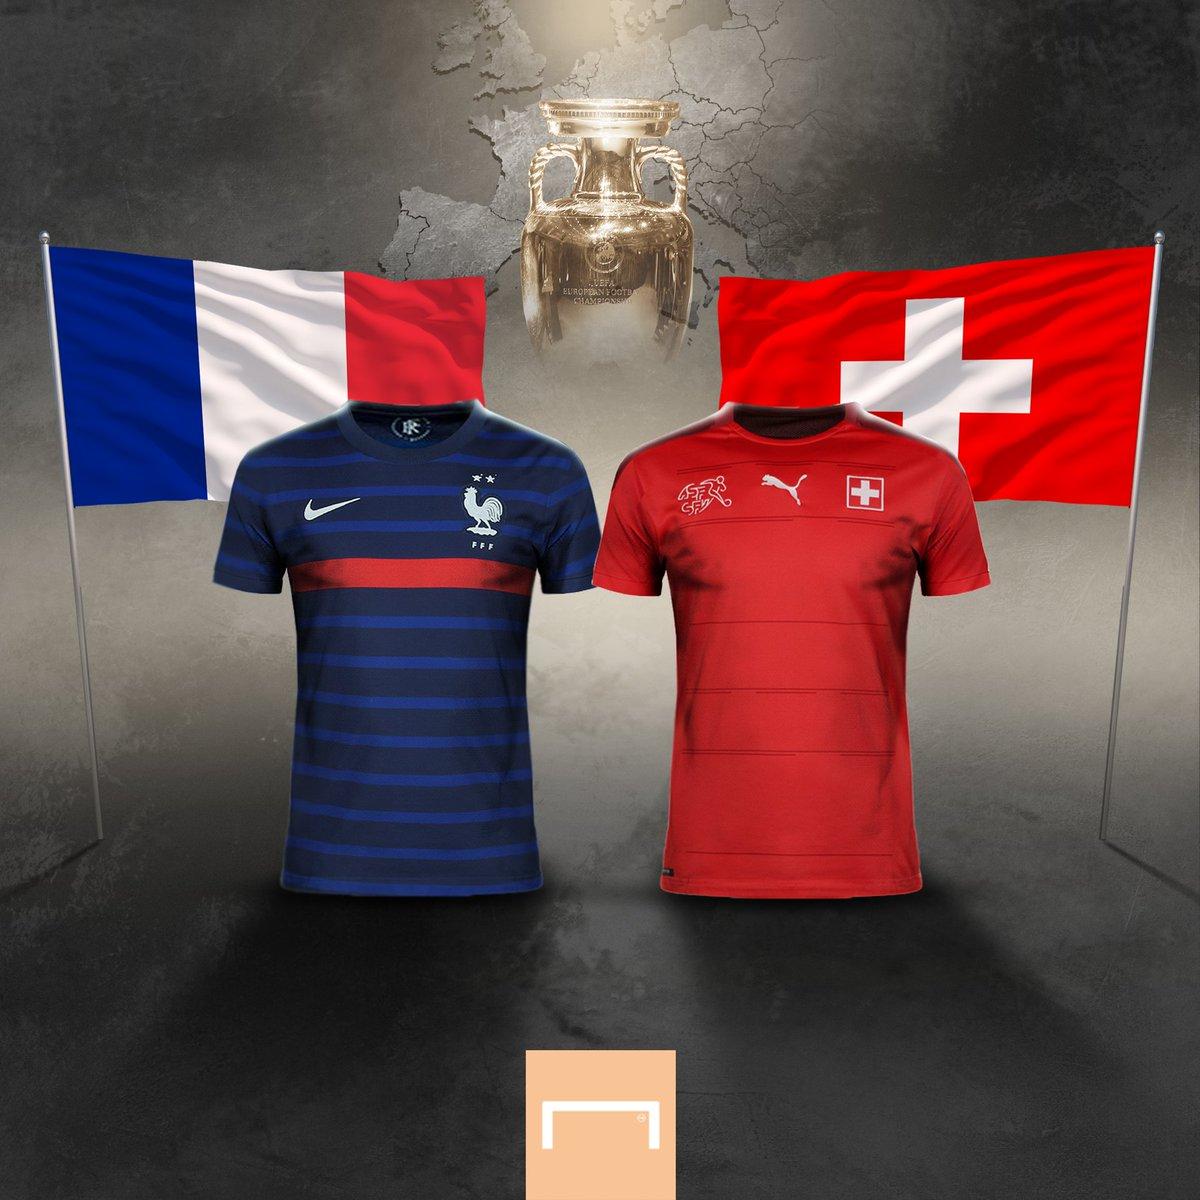 موعد منتخب فرنسا وسويسرا اليوم في اليورو والقنوات الناقلة